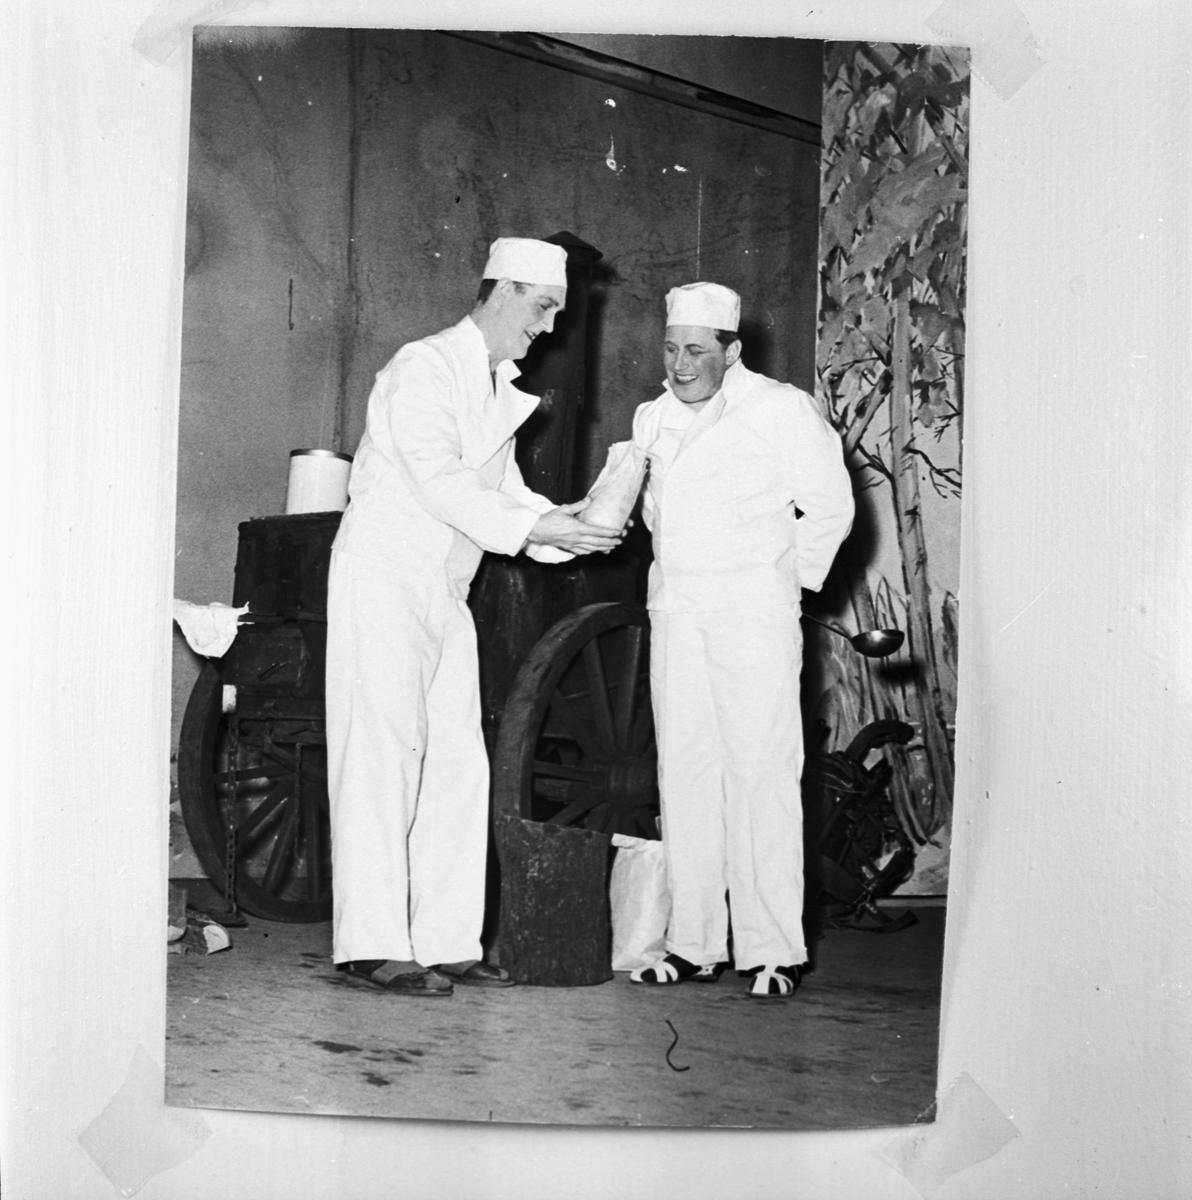 Övrigt: Foto datum: 1/6 1958 Byggnader och kranar Varvsrevyn 1958